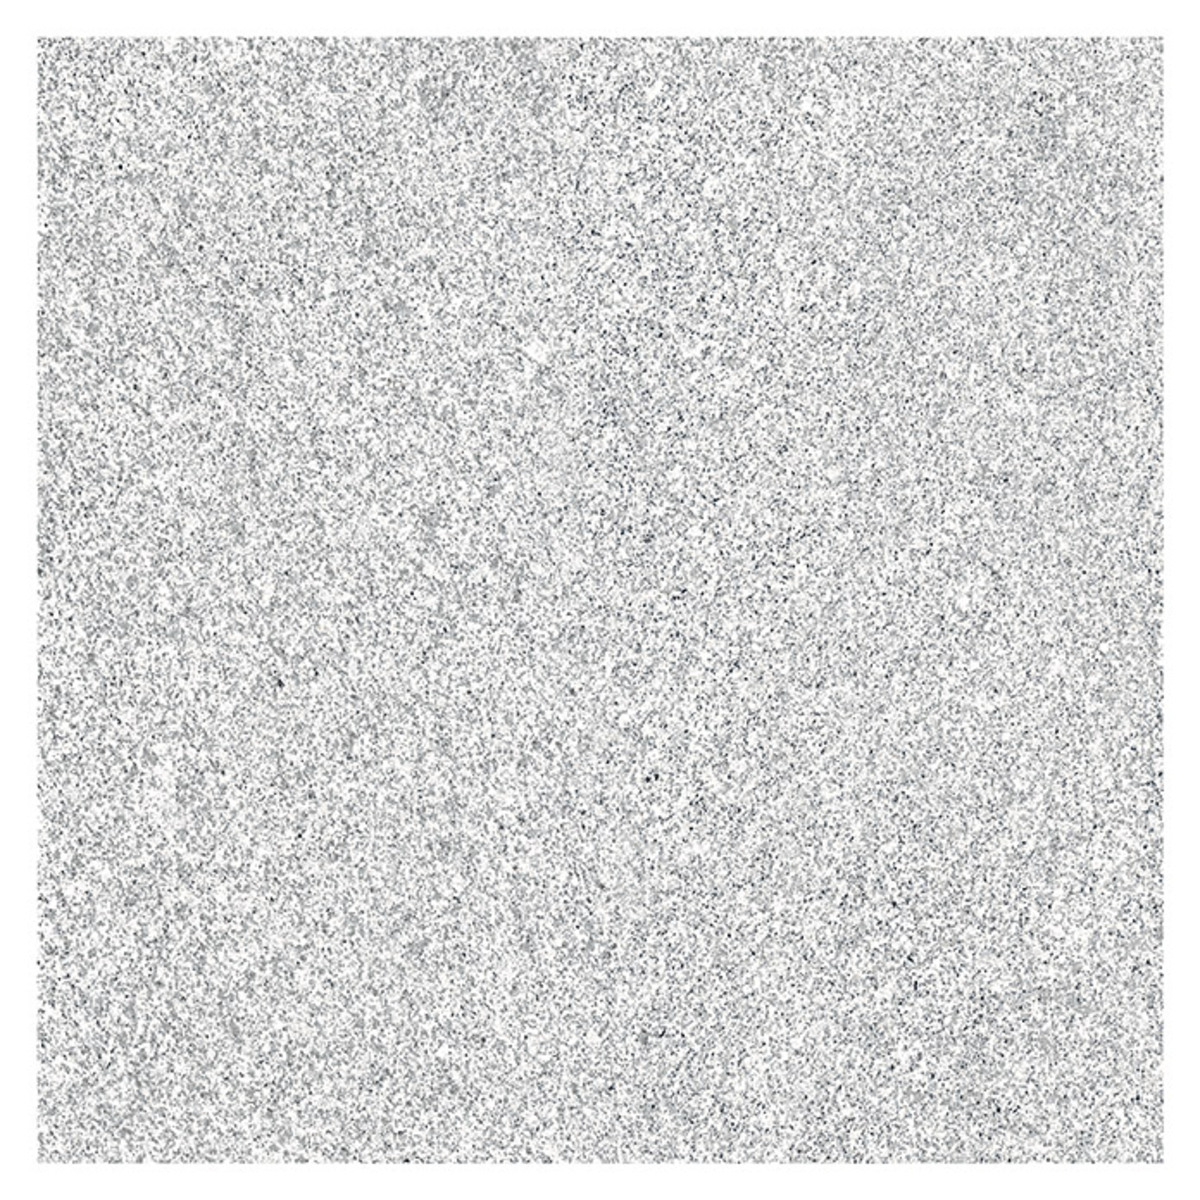 Bild 1 von Terrassenfliese Cera 2.0